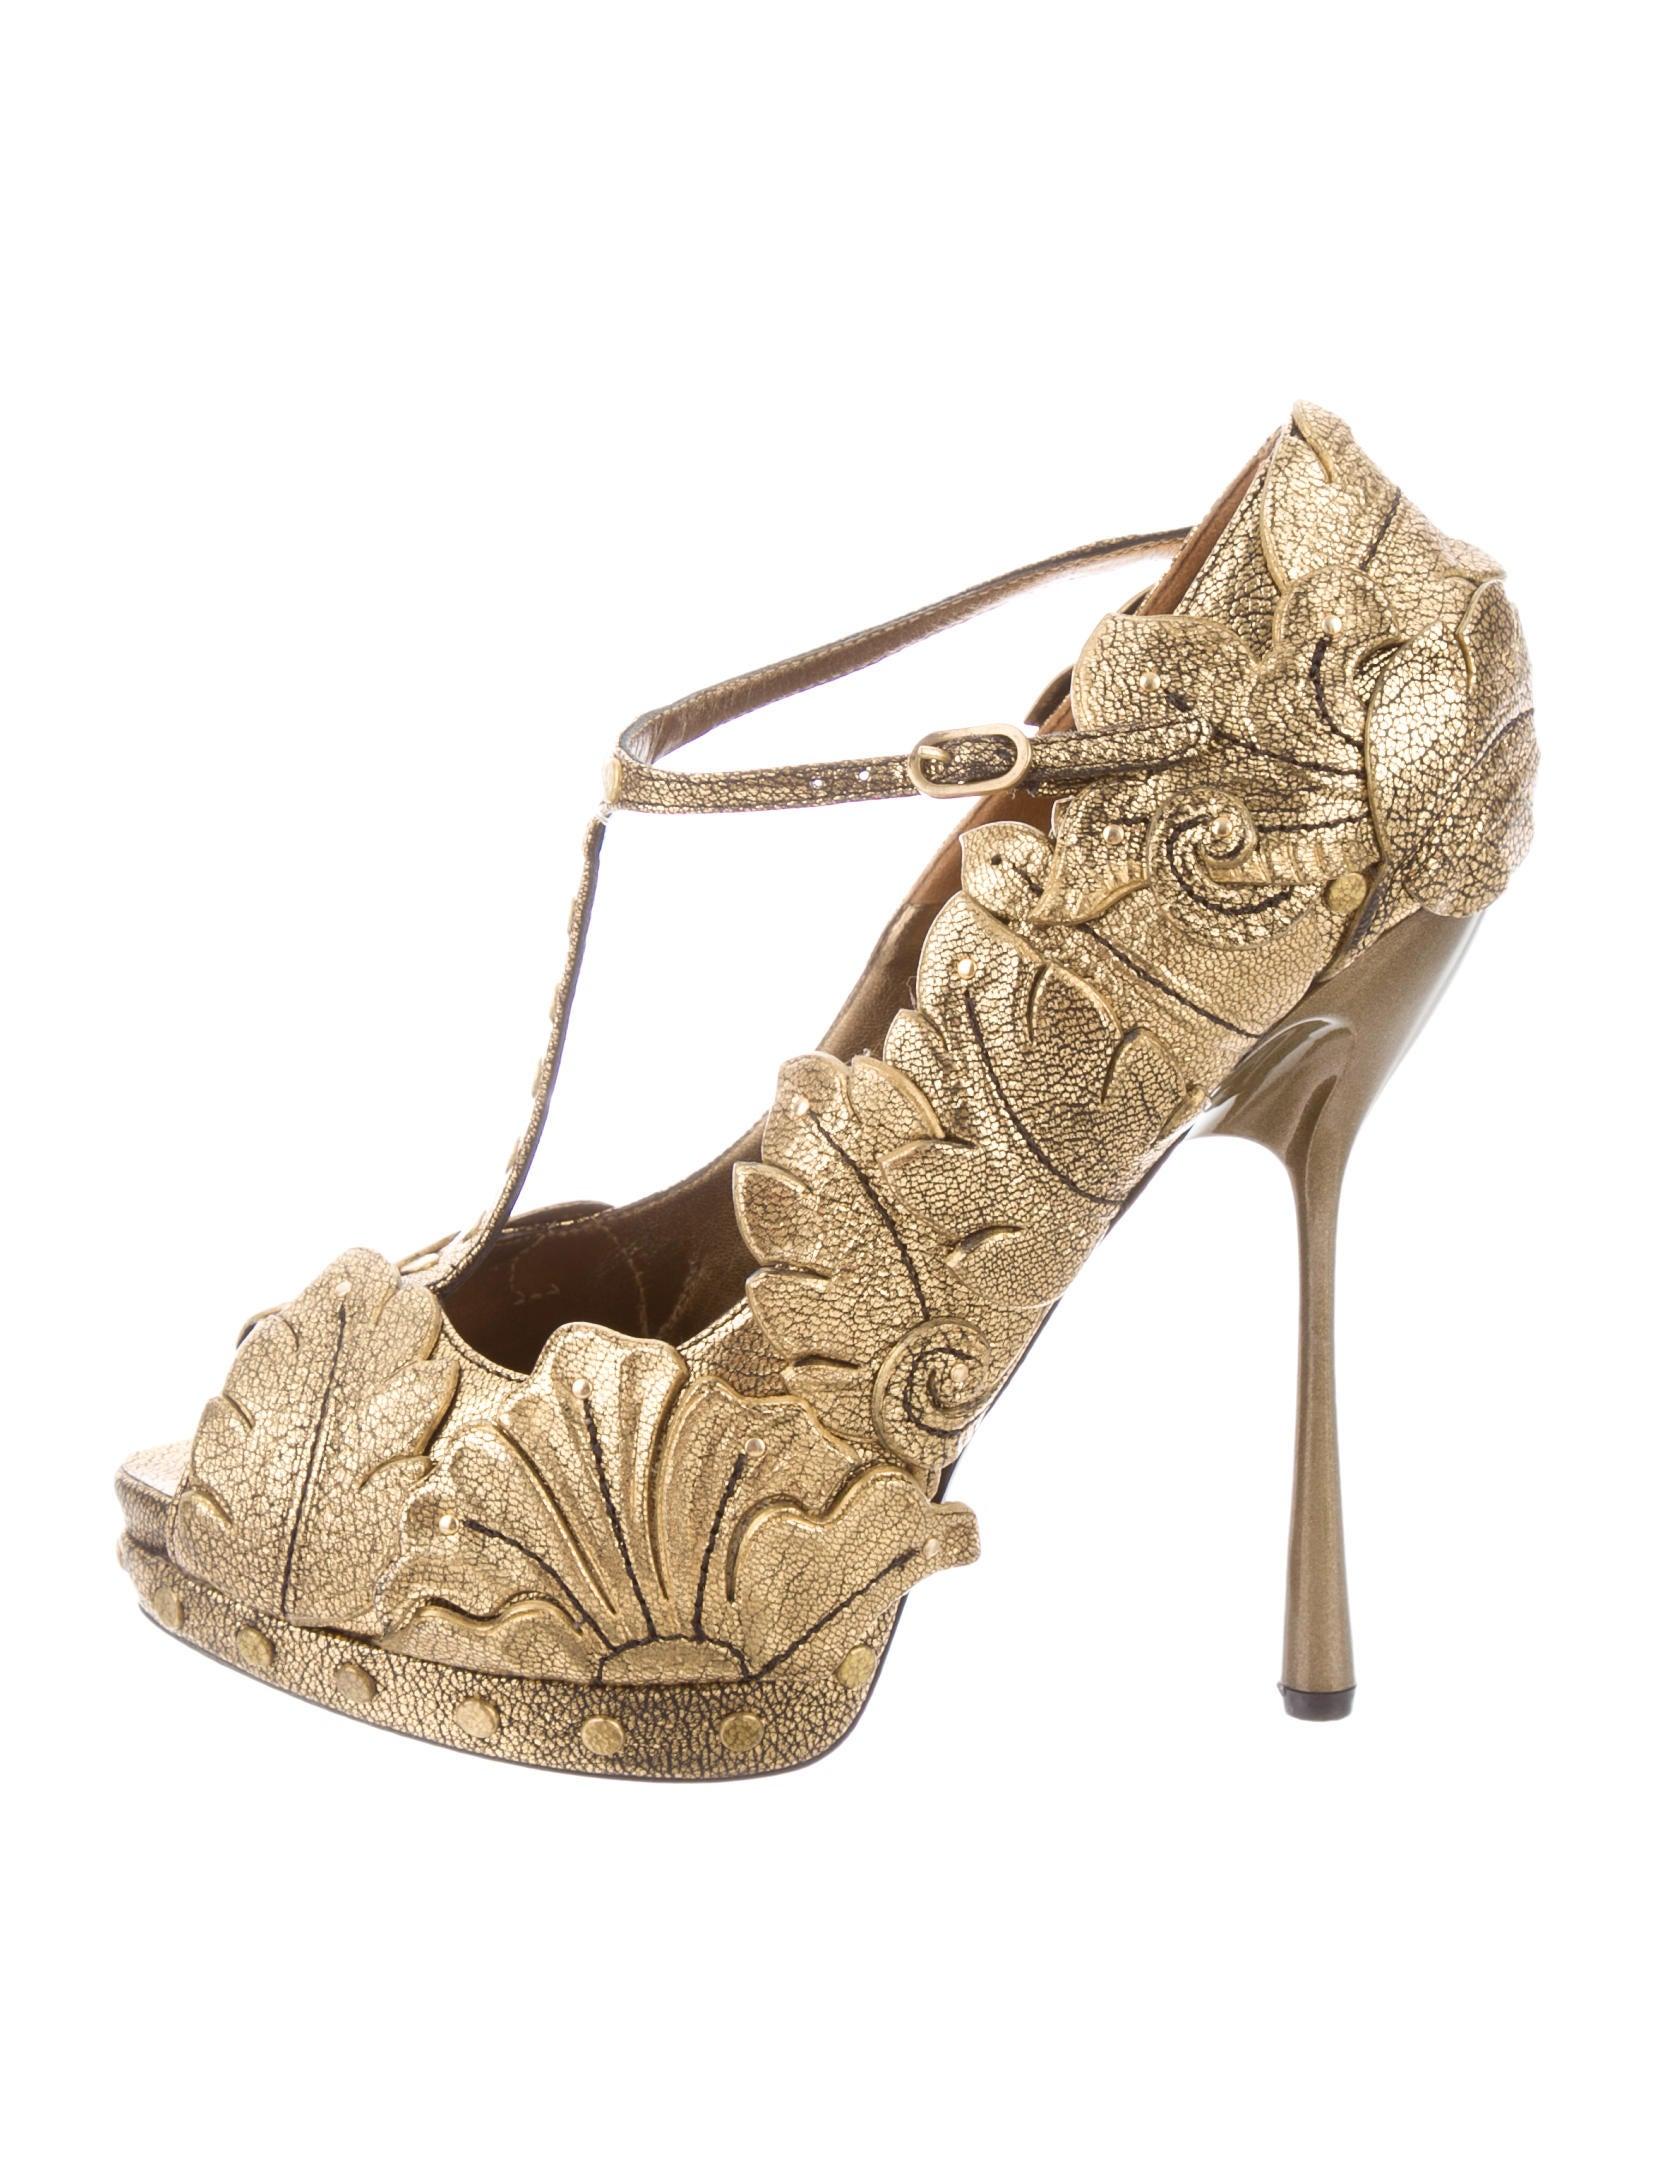 7fe4d68c9a7 Alexander McQueen Gold Leaf Pumps - Shoes - ALE30817